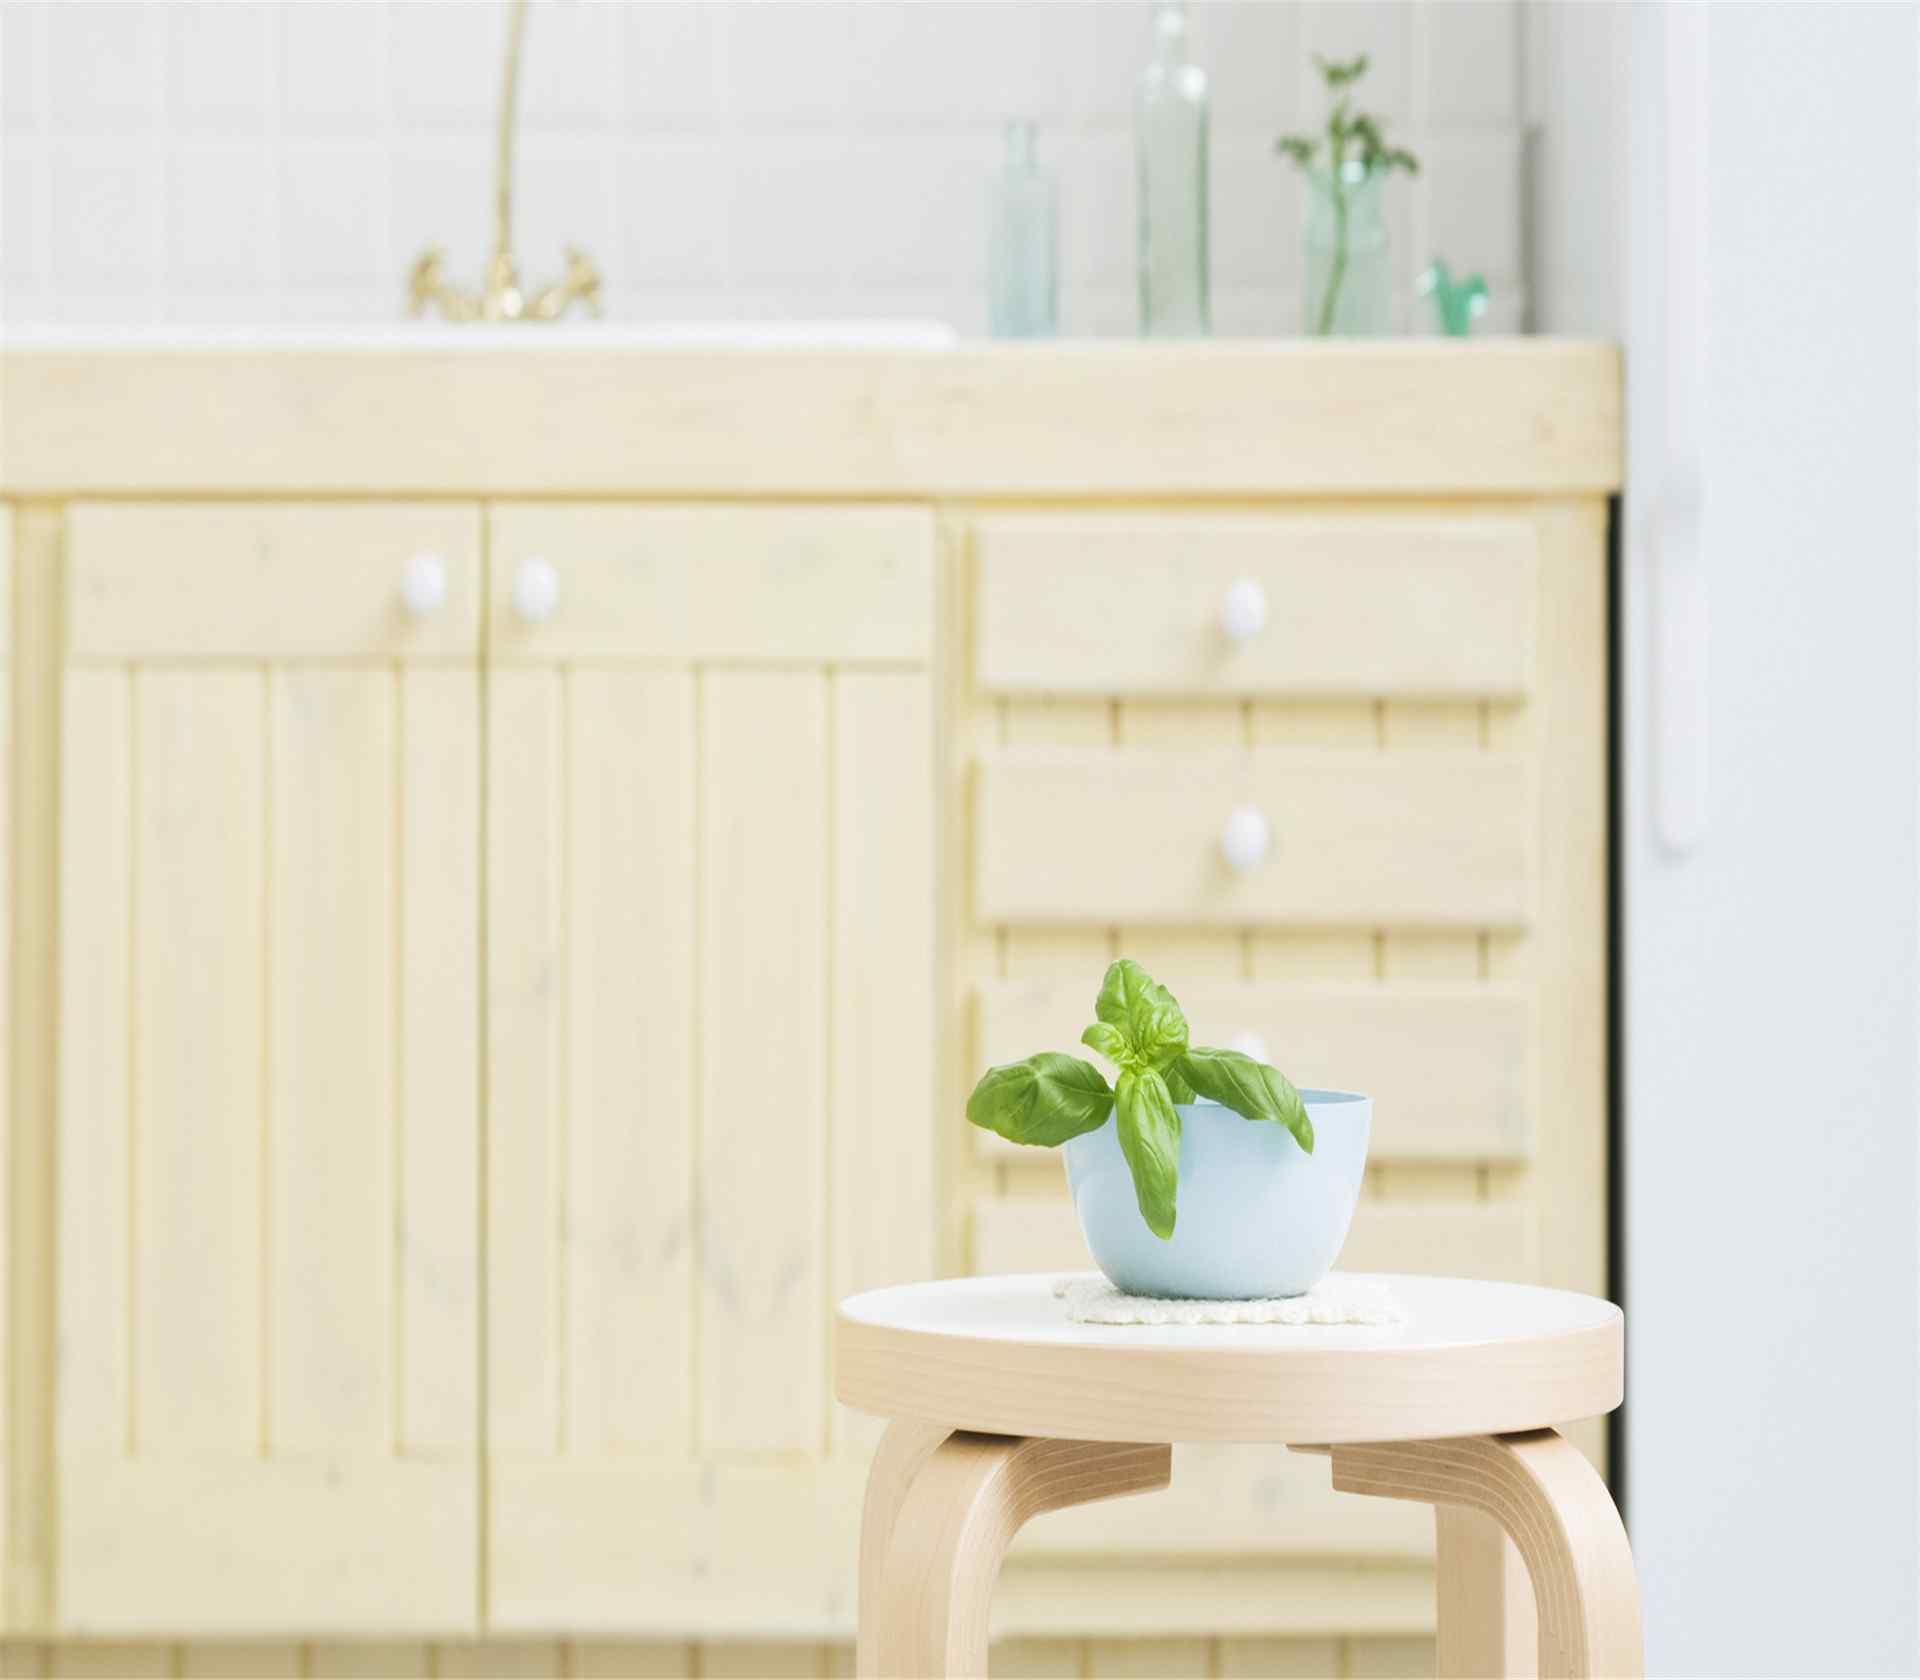 室内小清新护眼小盆栽风景桌面壁纸